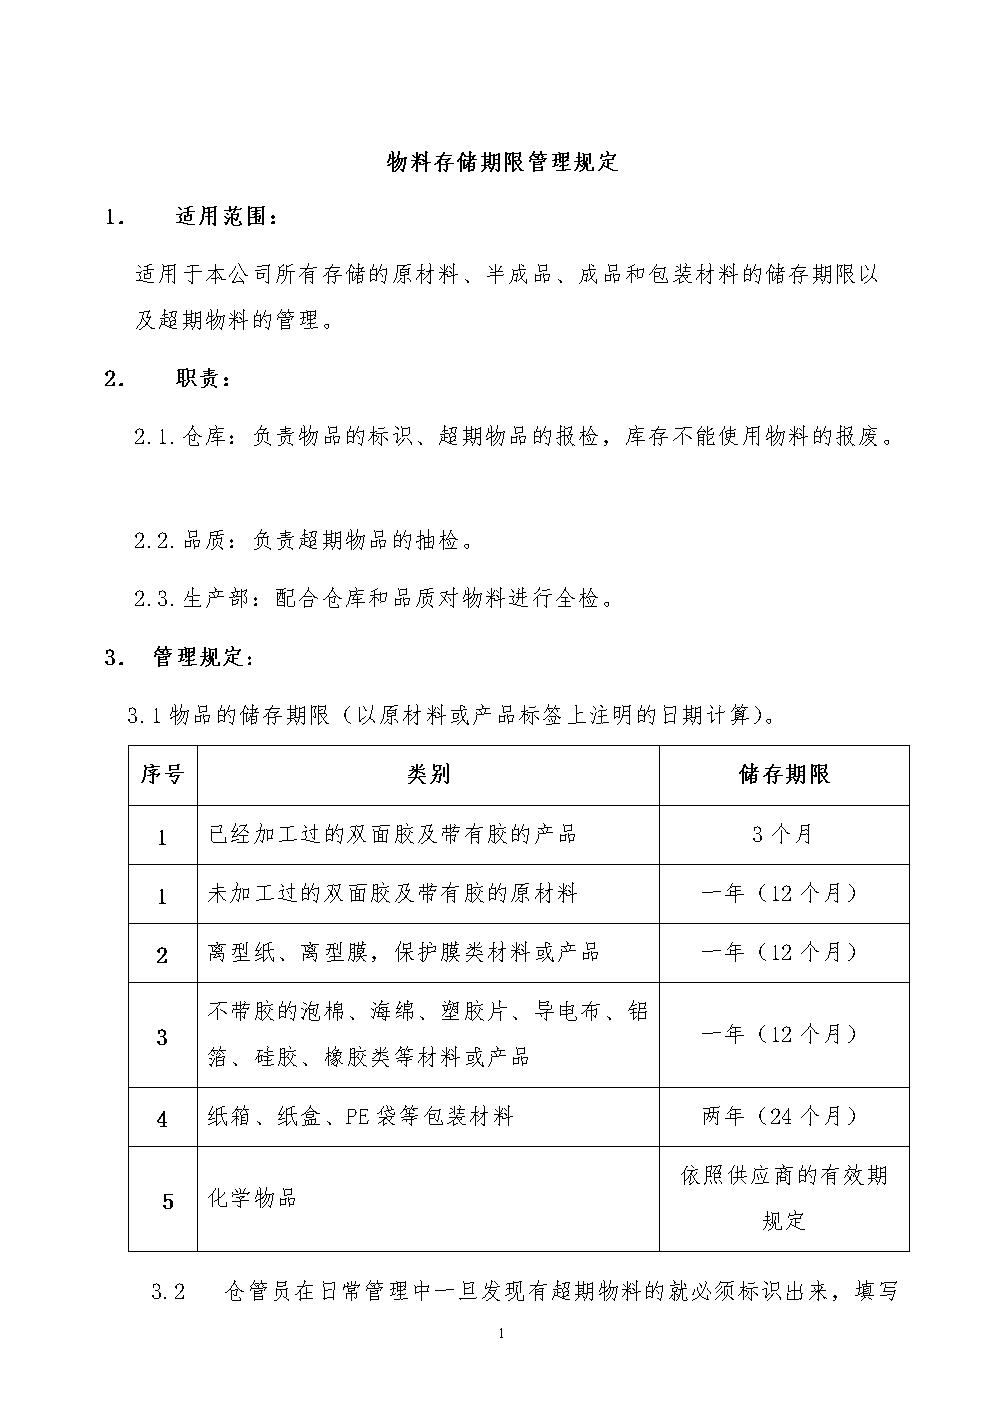 某库存物料存储期限管理规定.doc